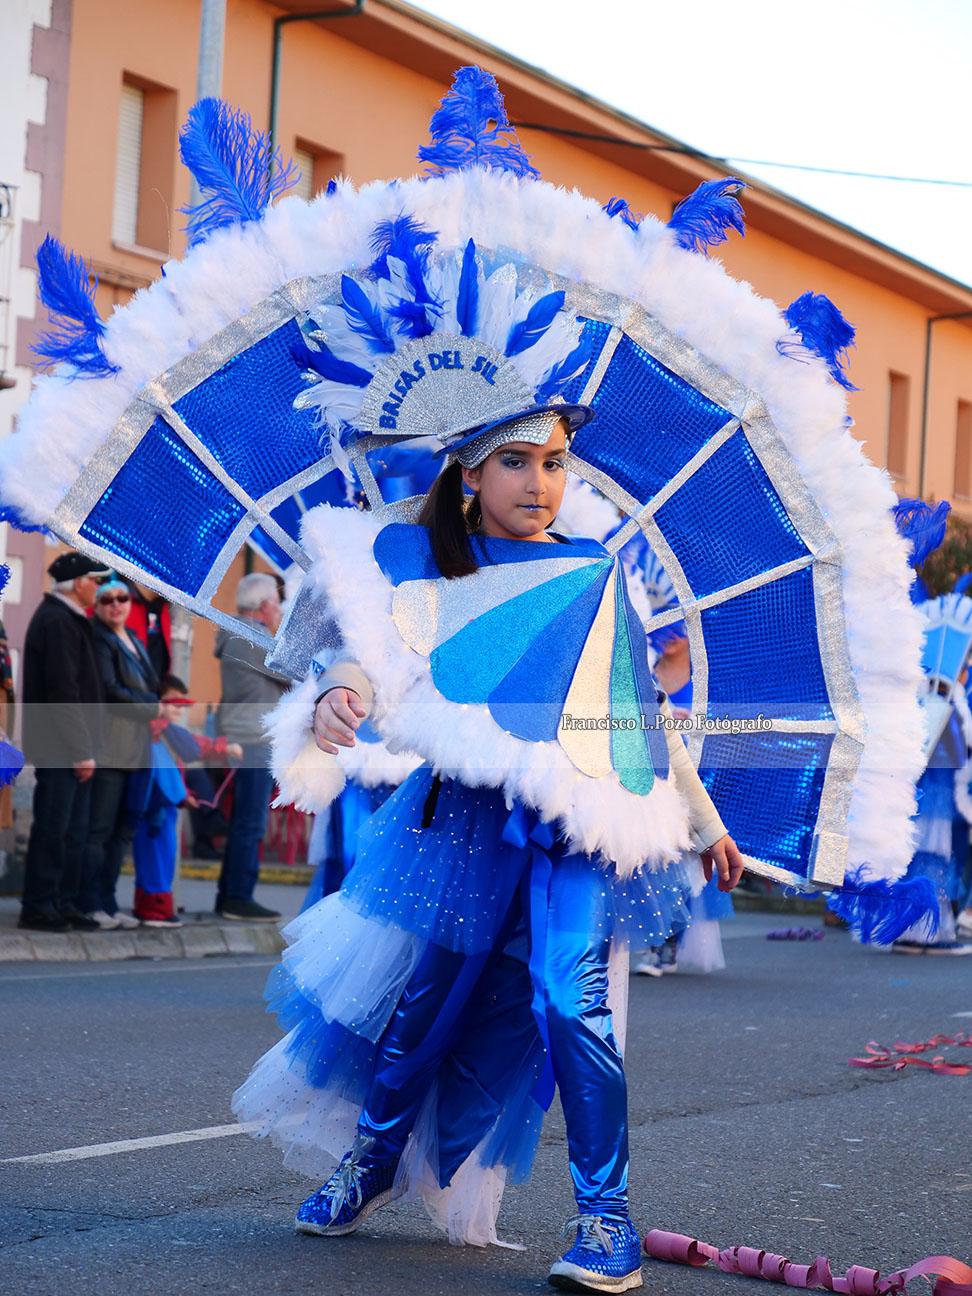 Carnaval 2020: Camponaraya sale a la calle a ritmo de comparsa 48